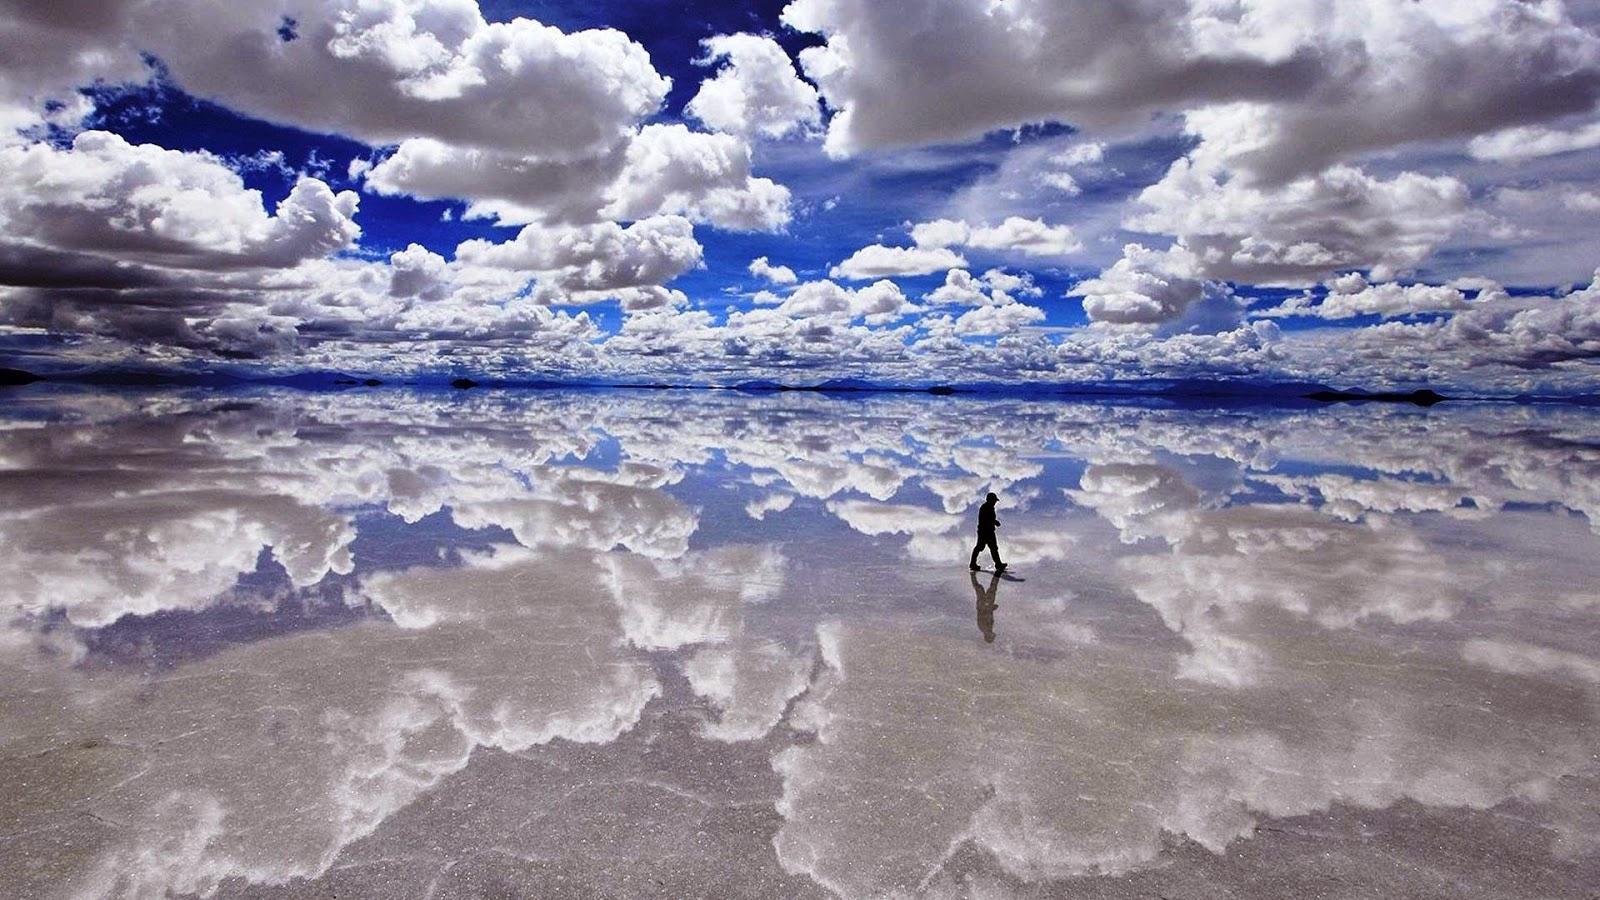 Le Salar d'Uyuni - le désert de sel de Bolivie : géologie et hexagones